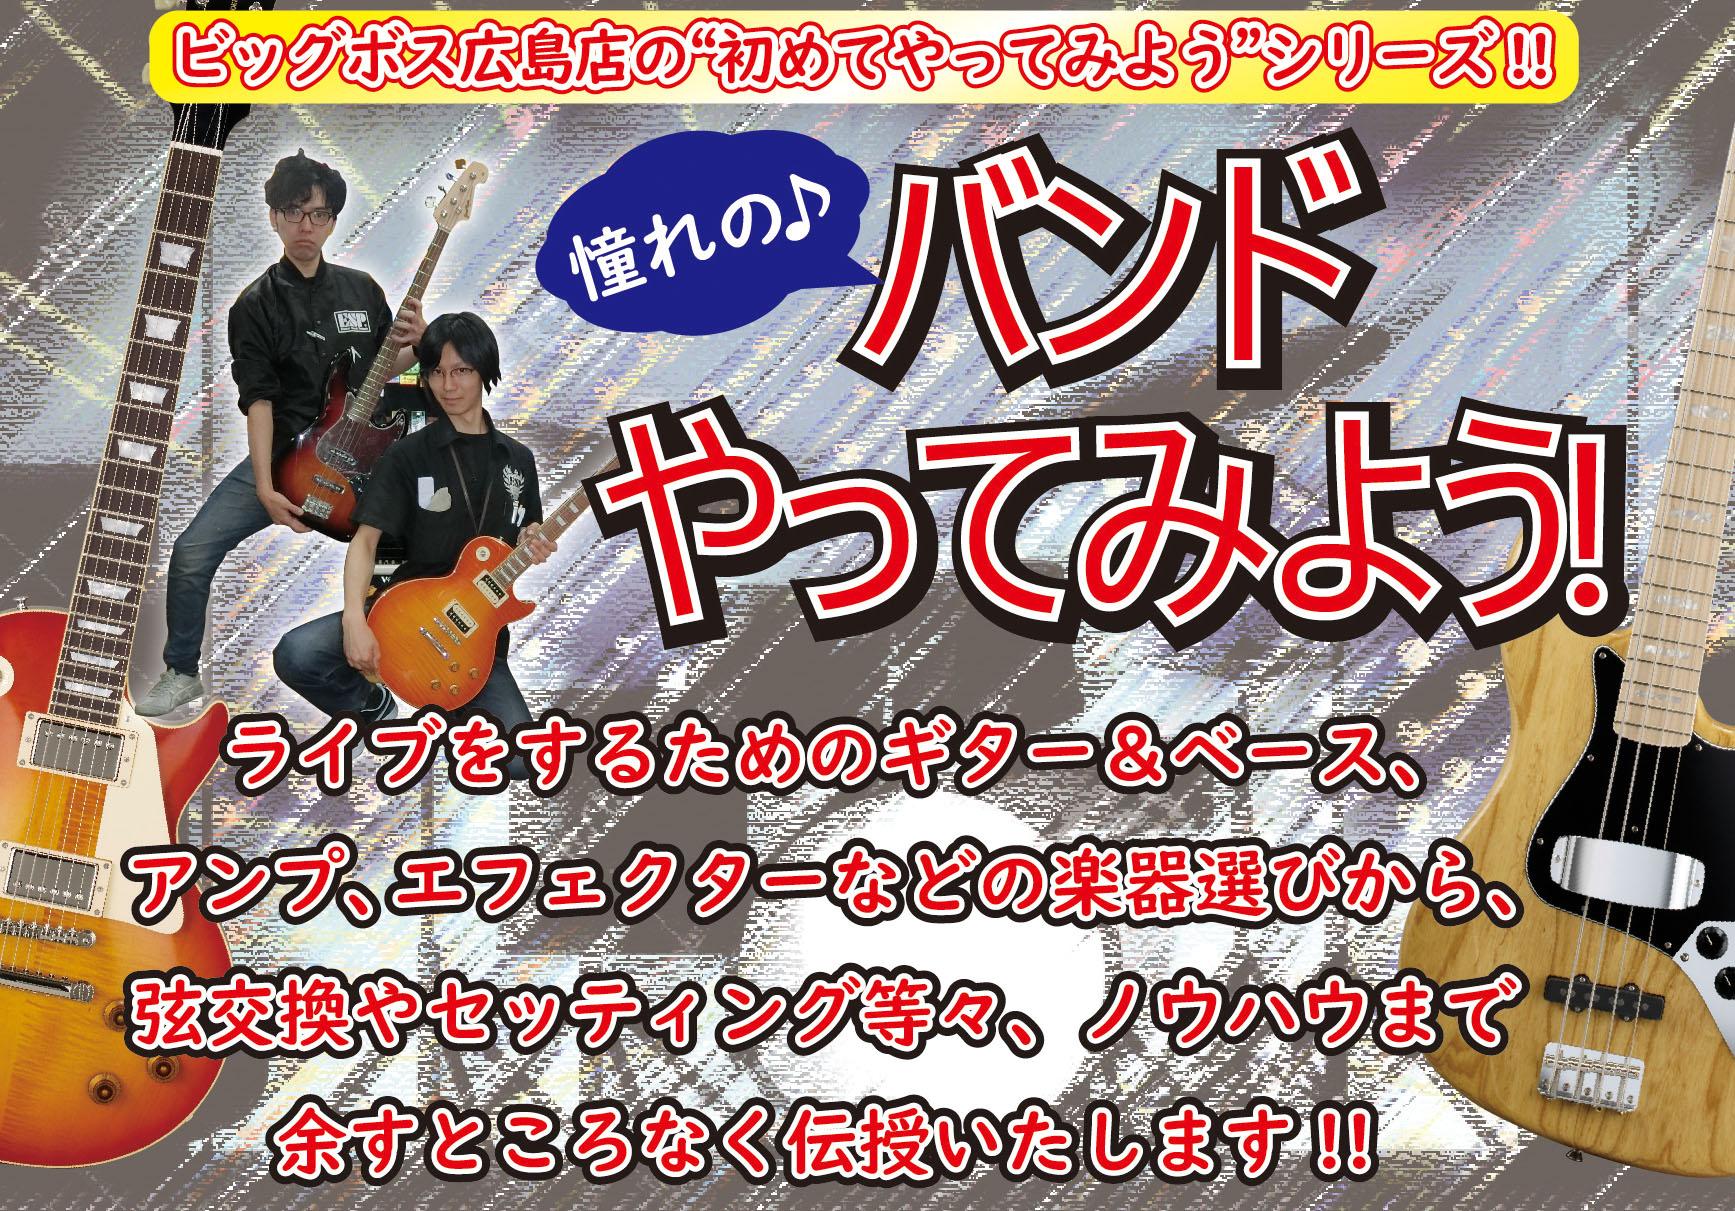 バンドやってみよう!!キャンペーン♪